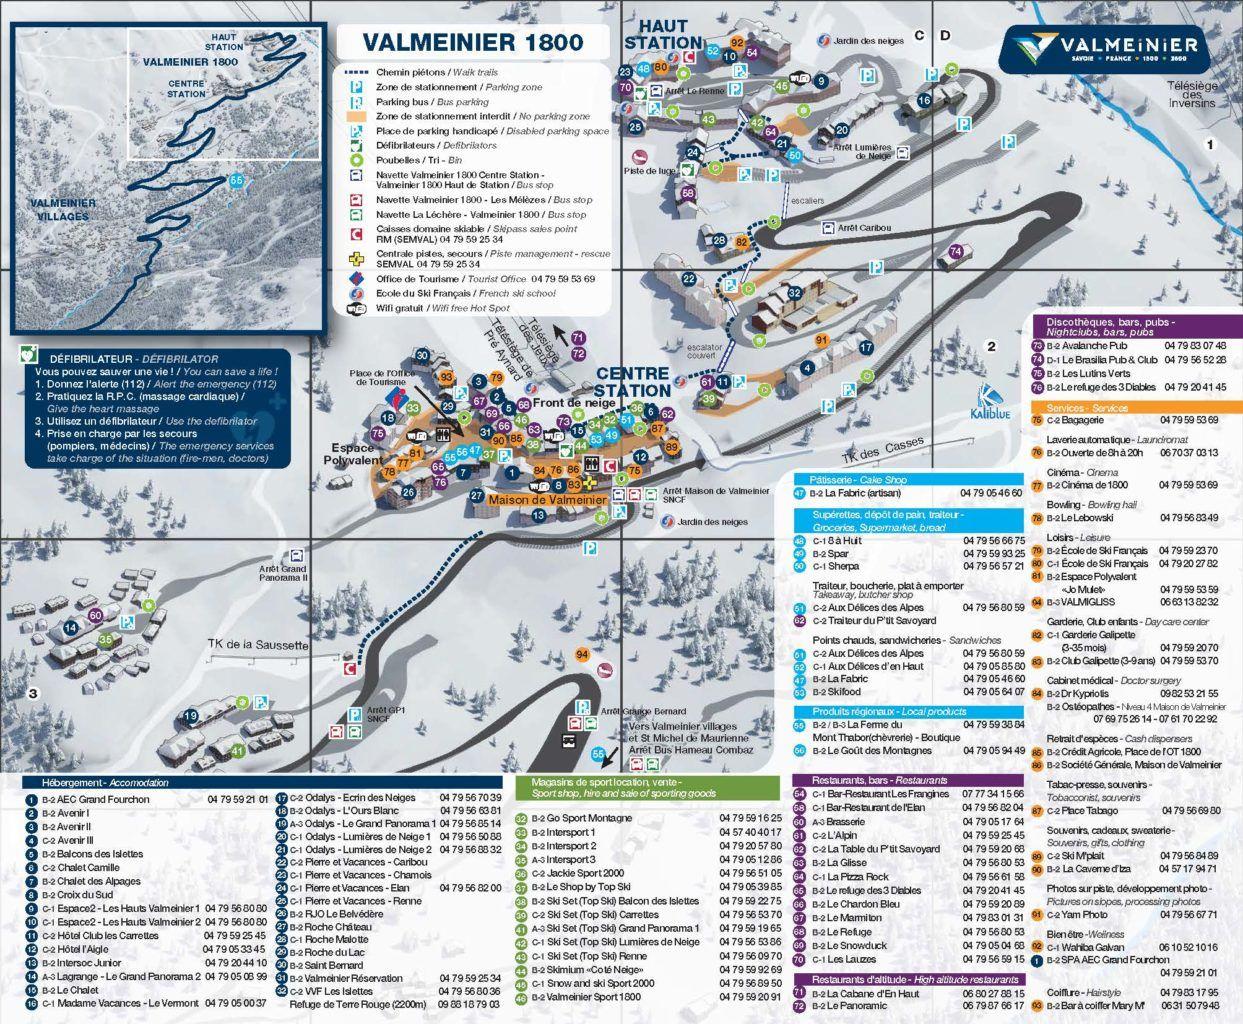 Plan de Valmeinier 1800